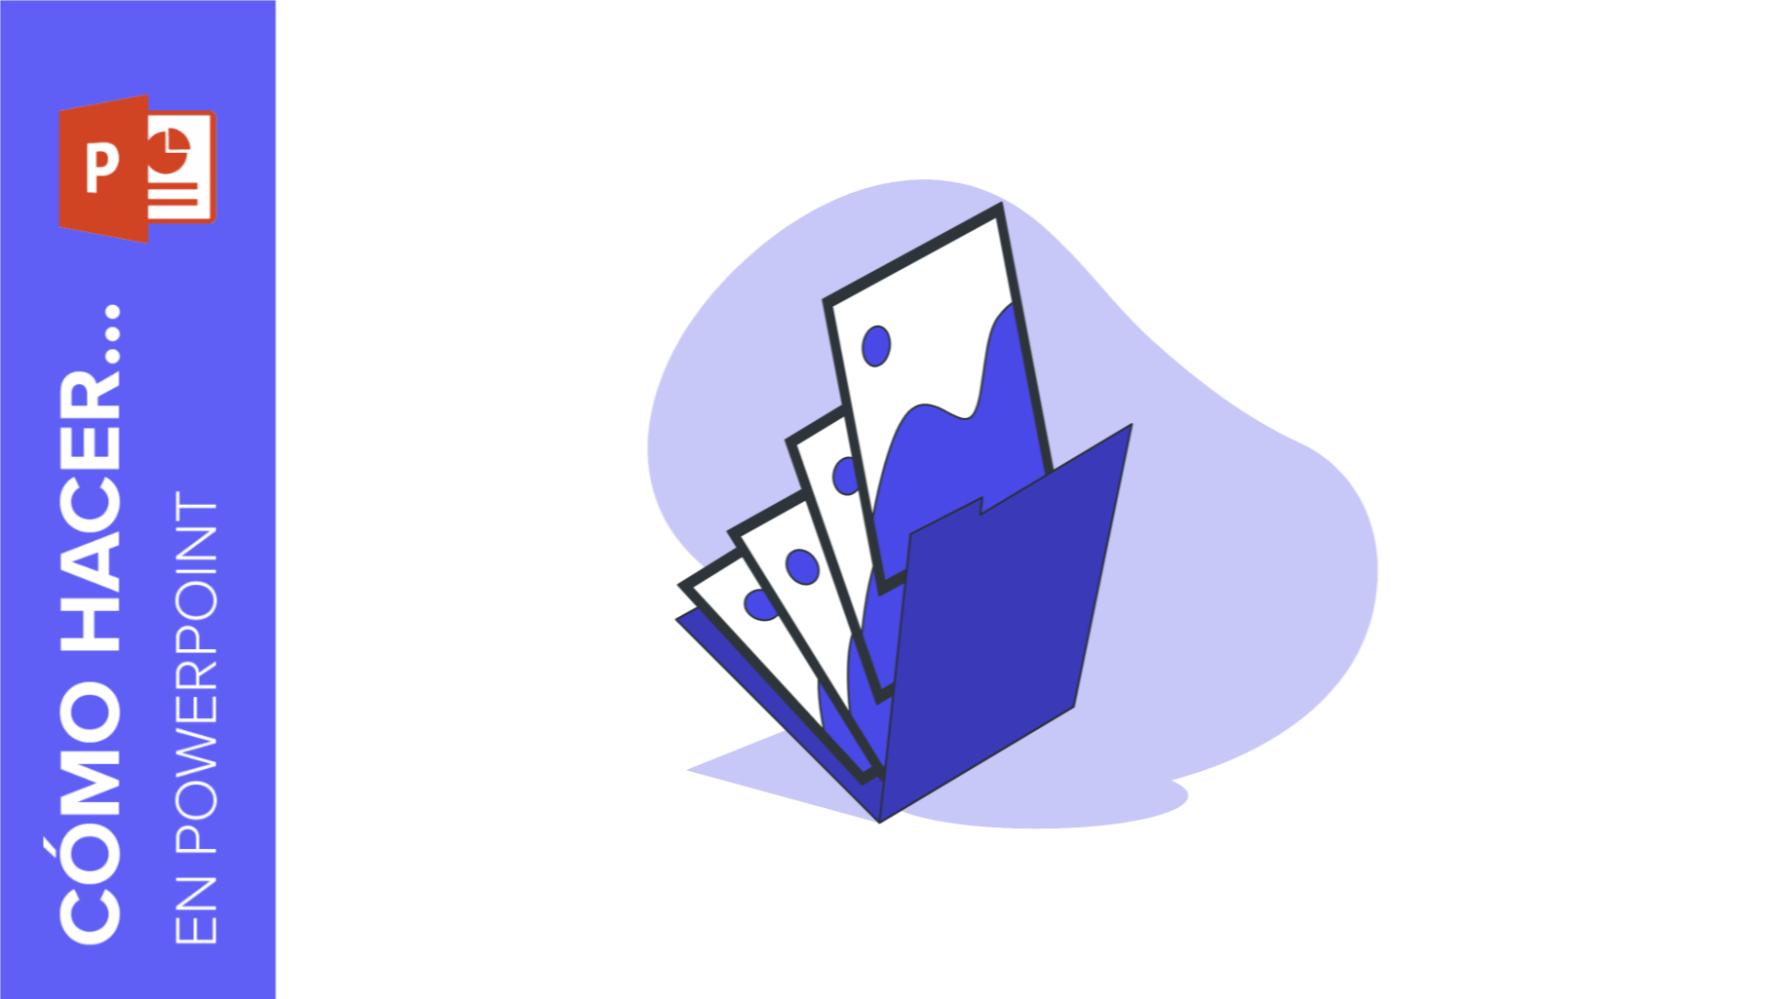 Cómo hacer transparente una imagen en PowerPoint | Tutoriales y Tips para tus presentaciones